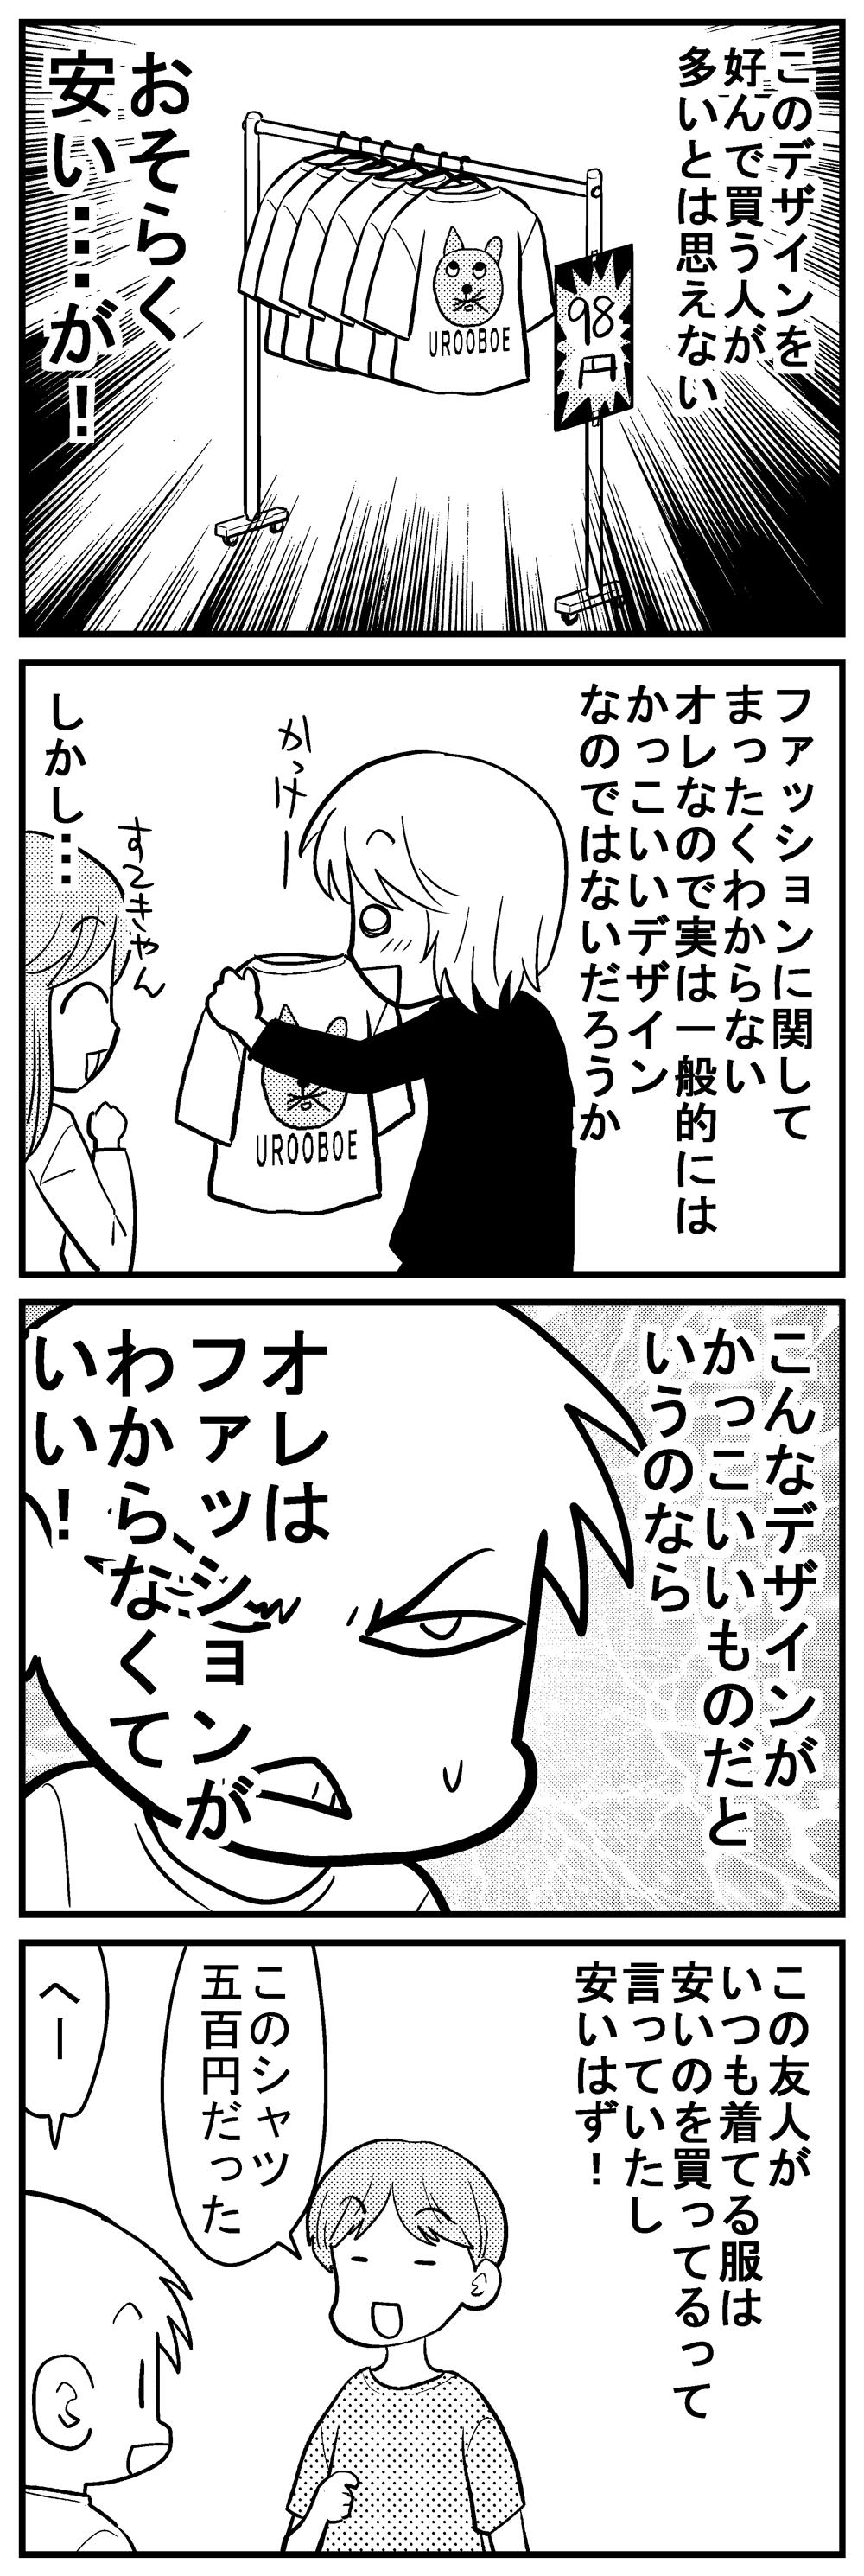 深読みくん88-3